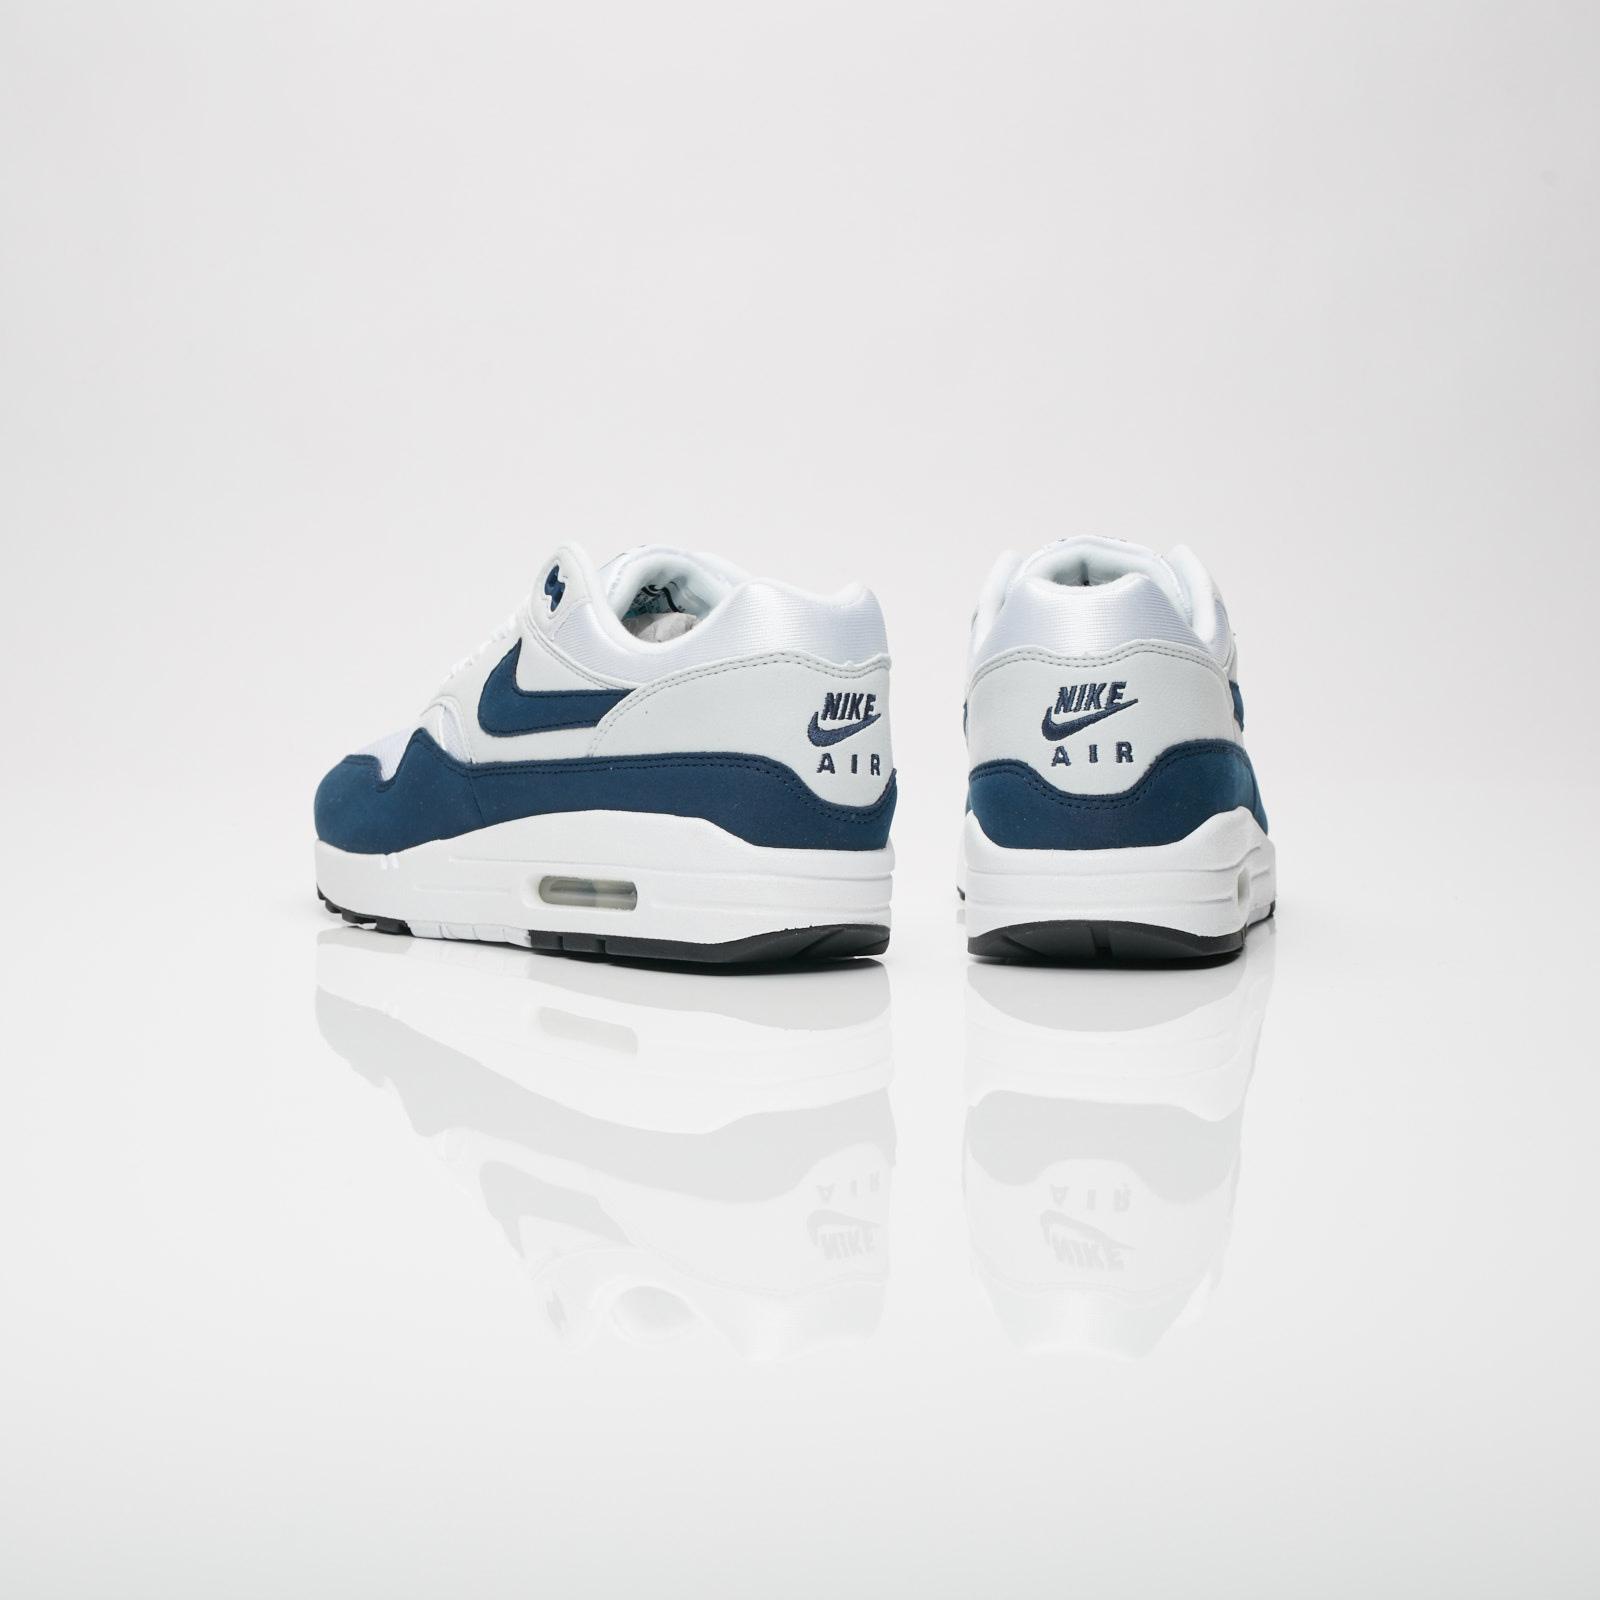 pretty nice 92bd2 43162 Nike Air Max 1 - 319986-104 - Sneakersnstuff   sneakers   streetwear online  since 1999